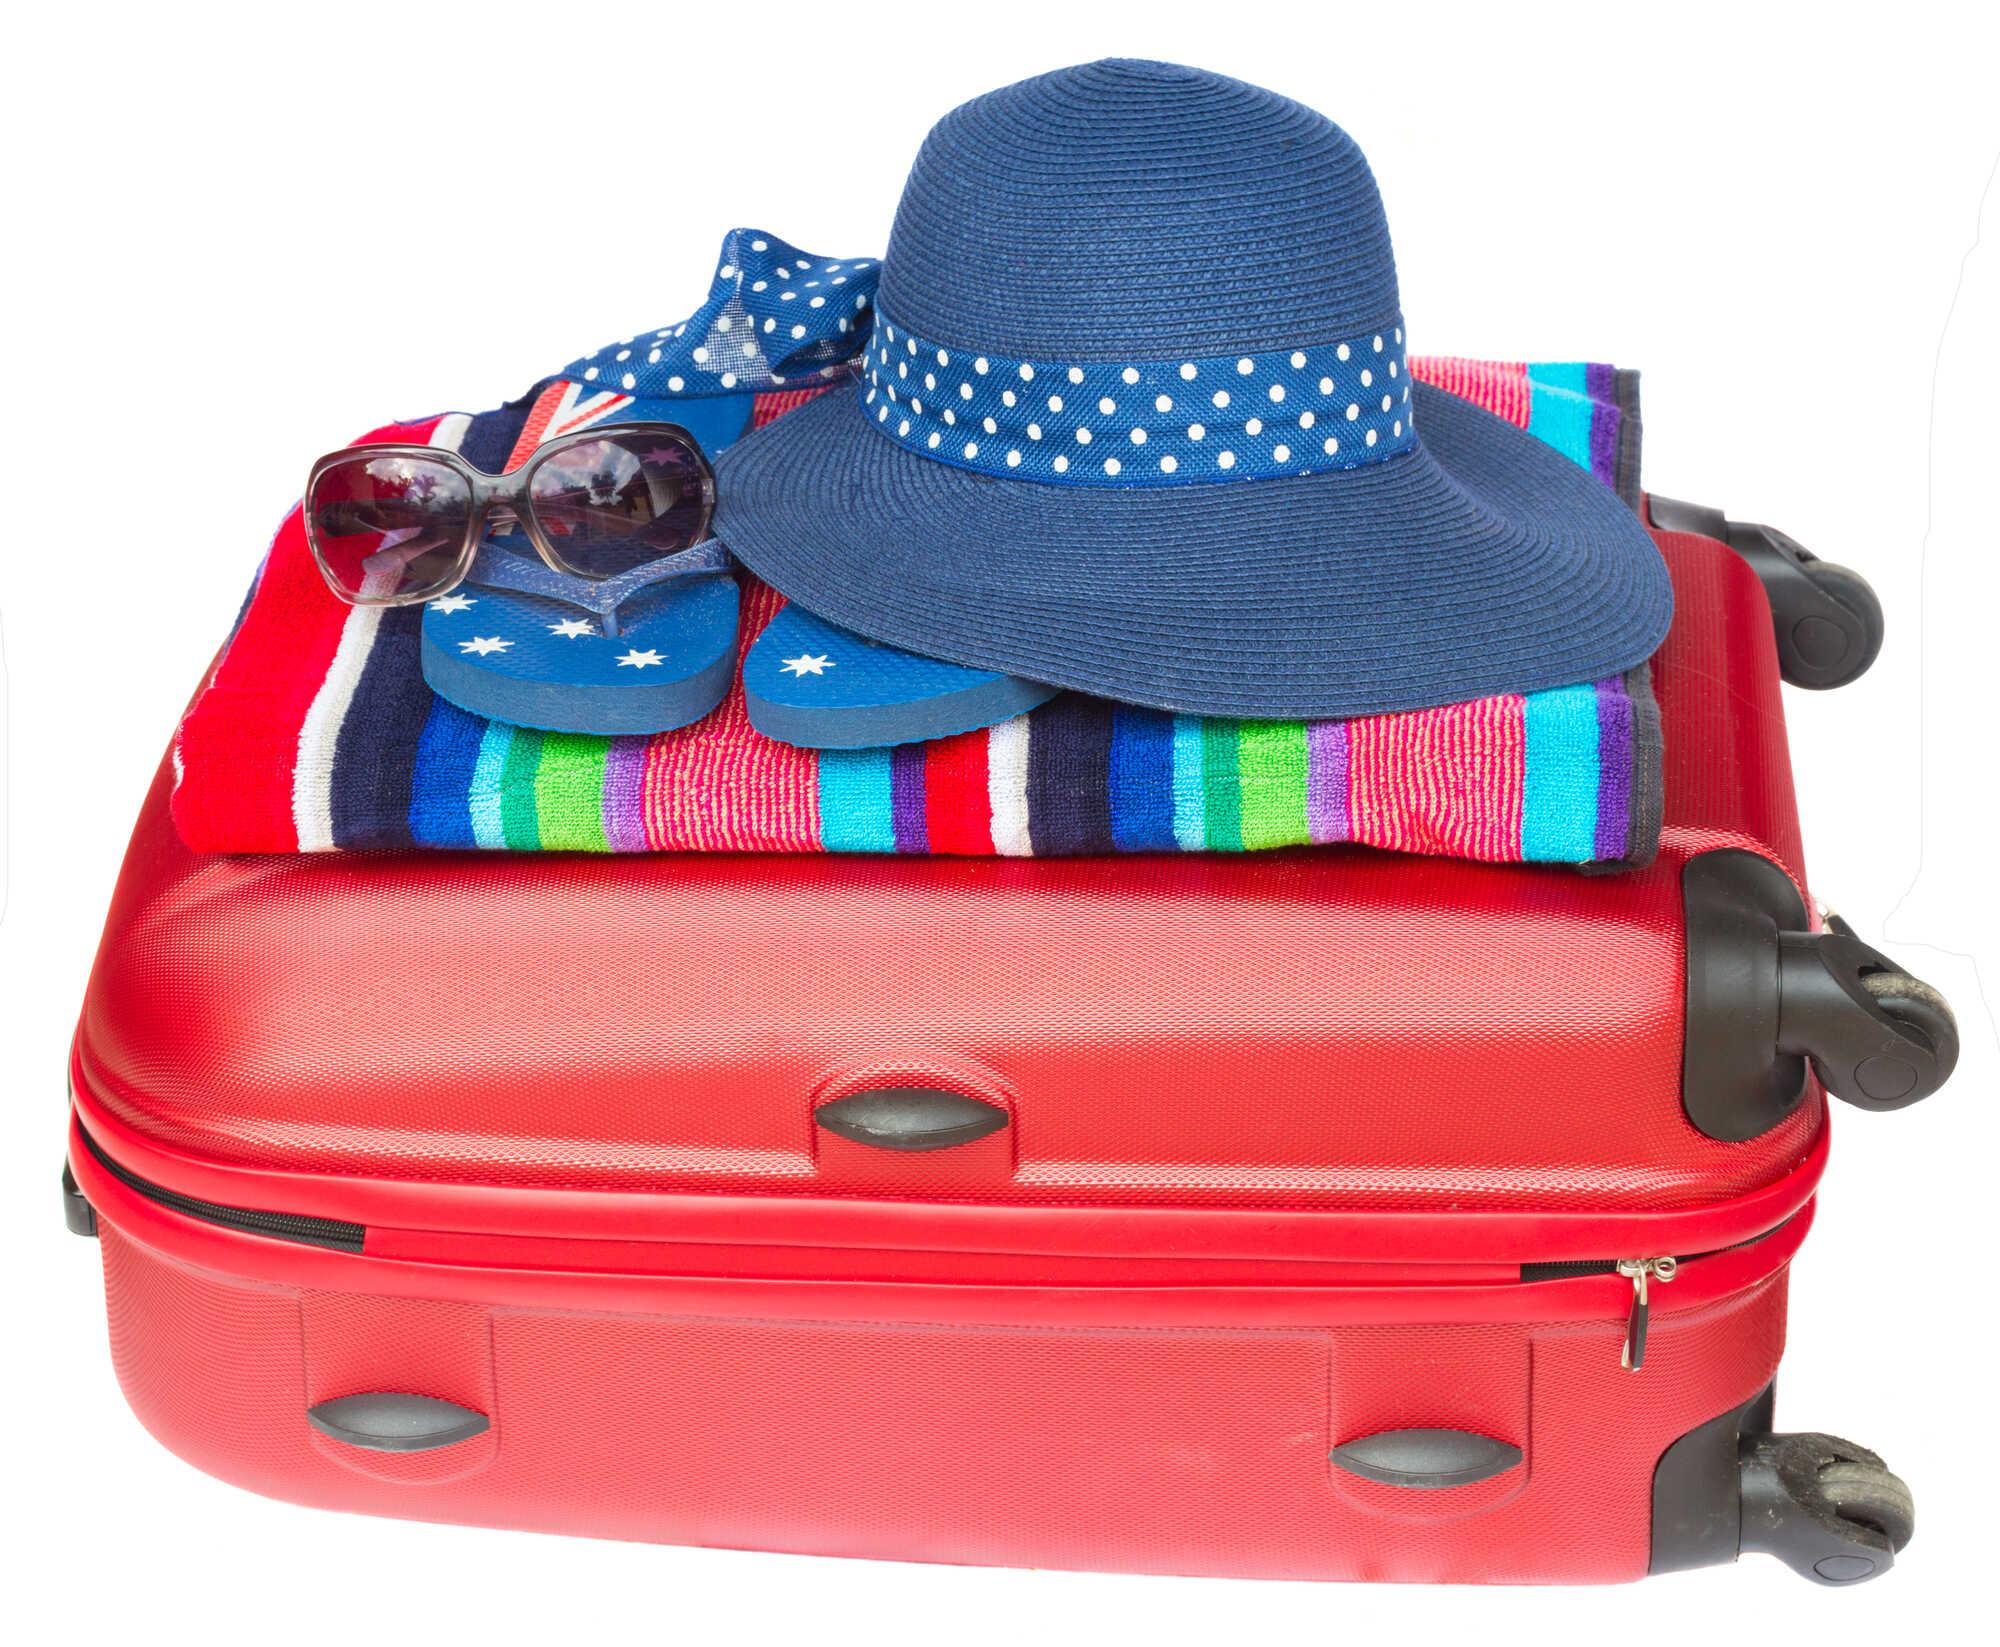 Praktické rady a tipy, jak vybrat zavazadlo na vaši dovolenou